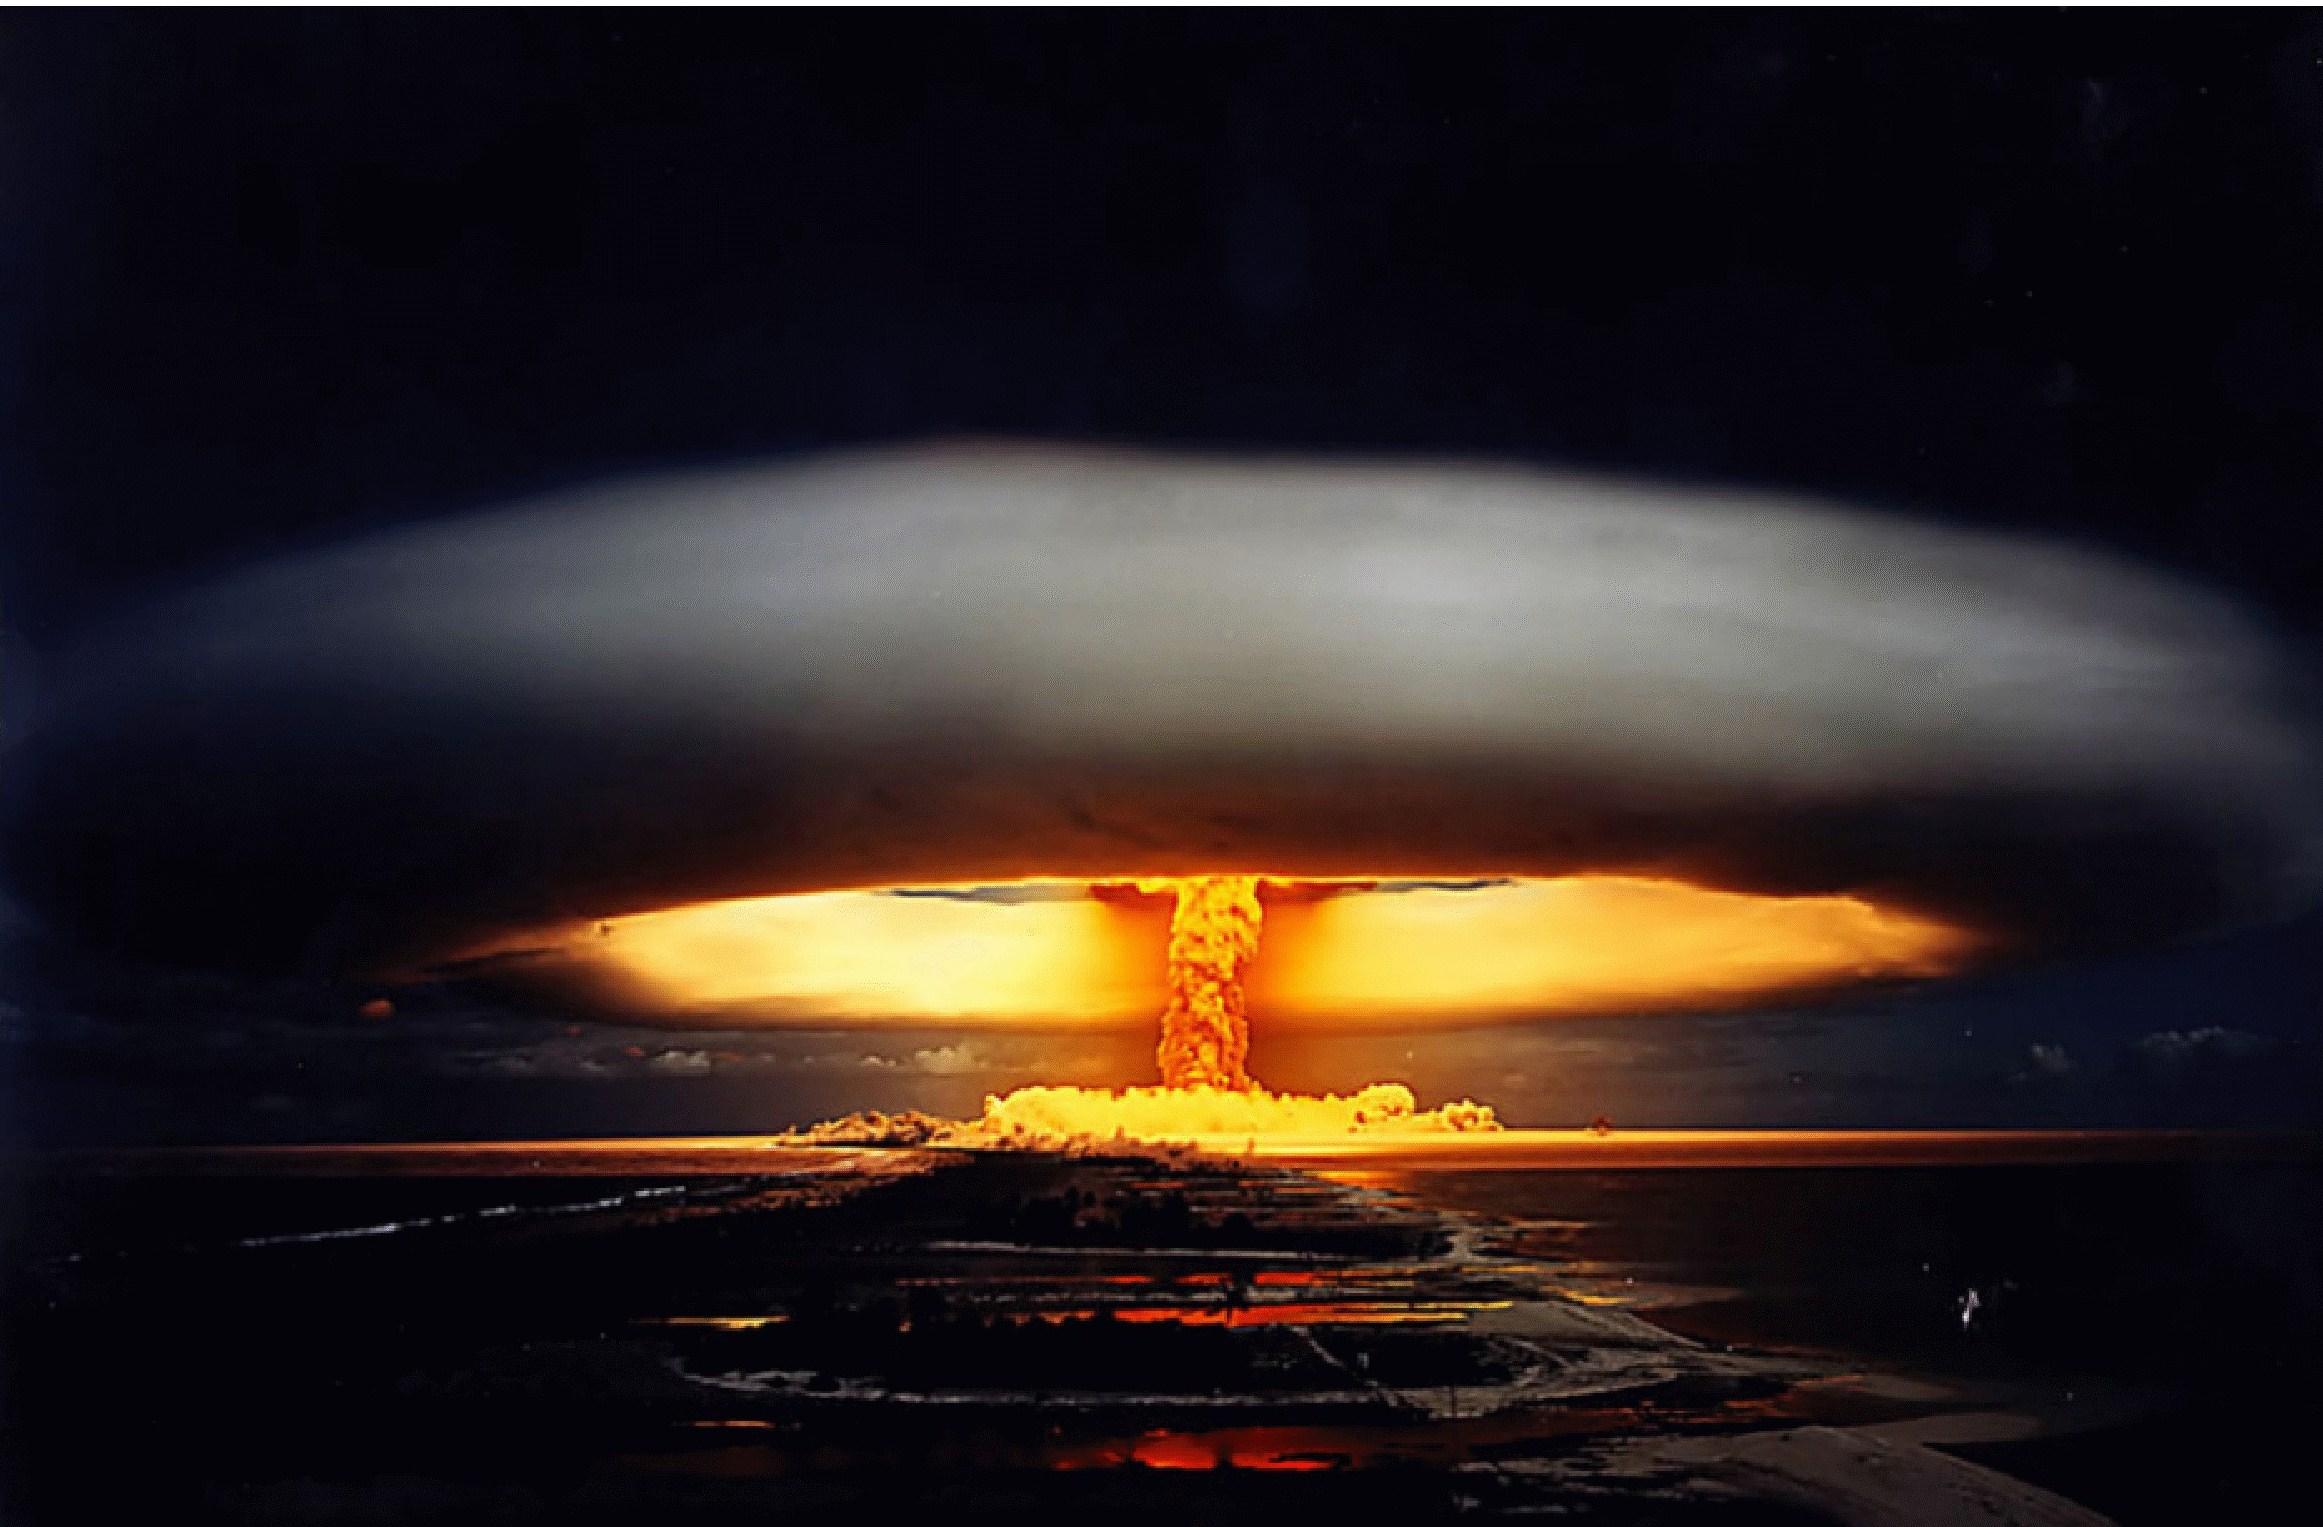 Pentágono inicia revisión de postura nuclear de EEUU por órdenes de Trump